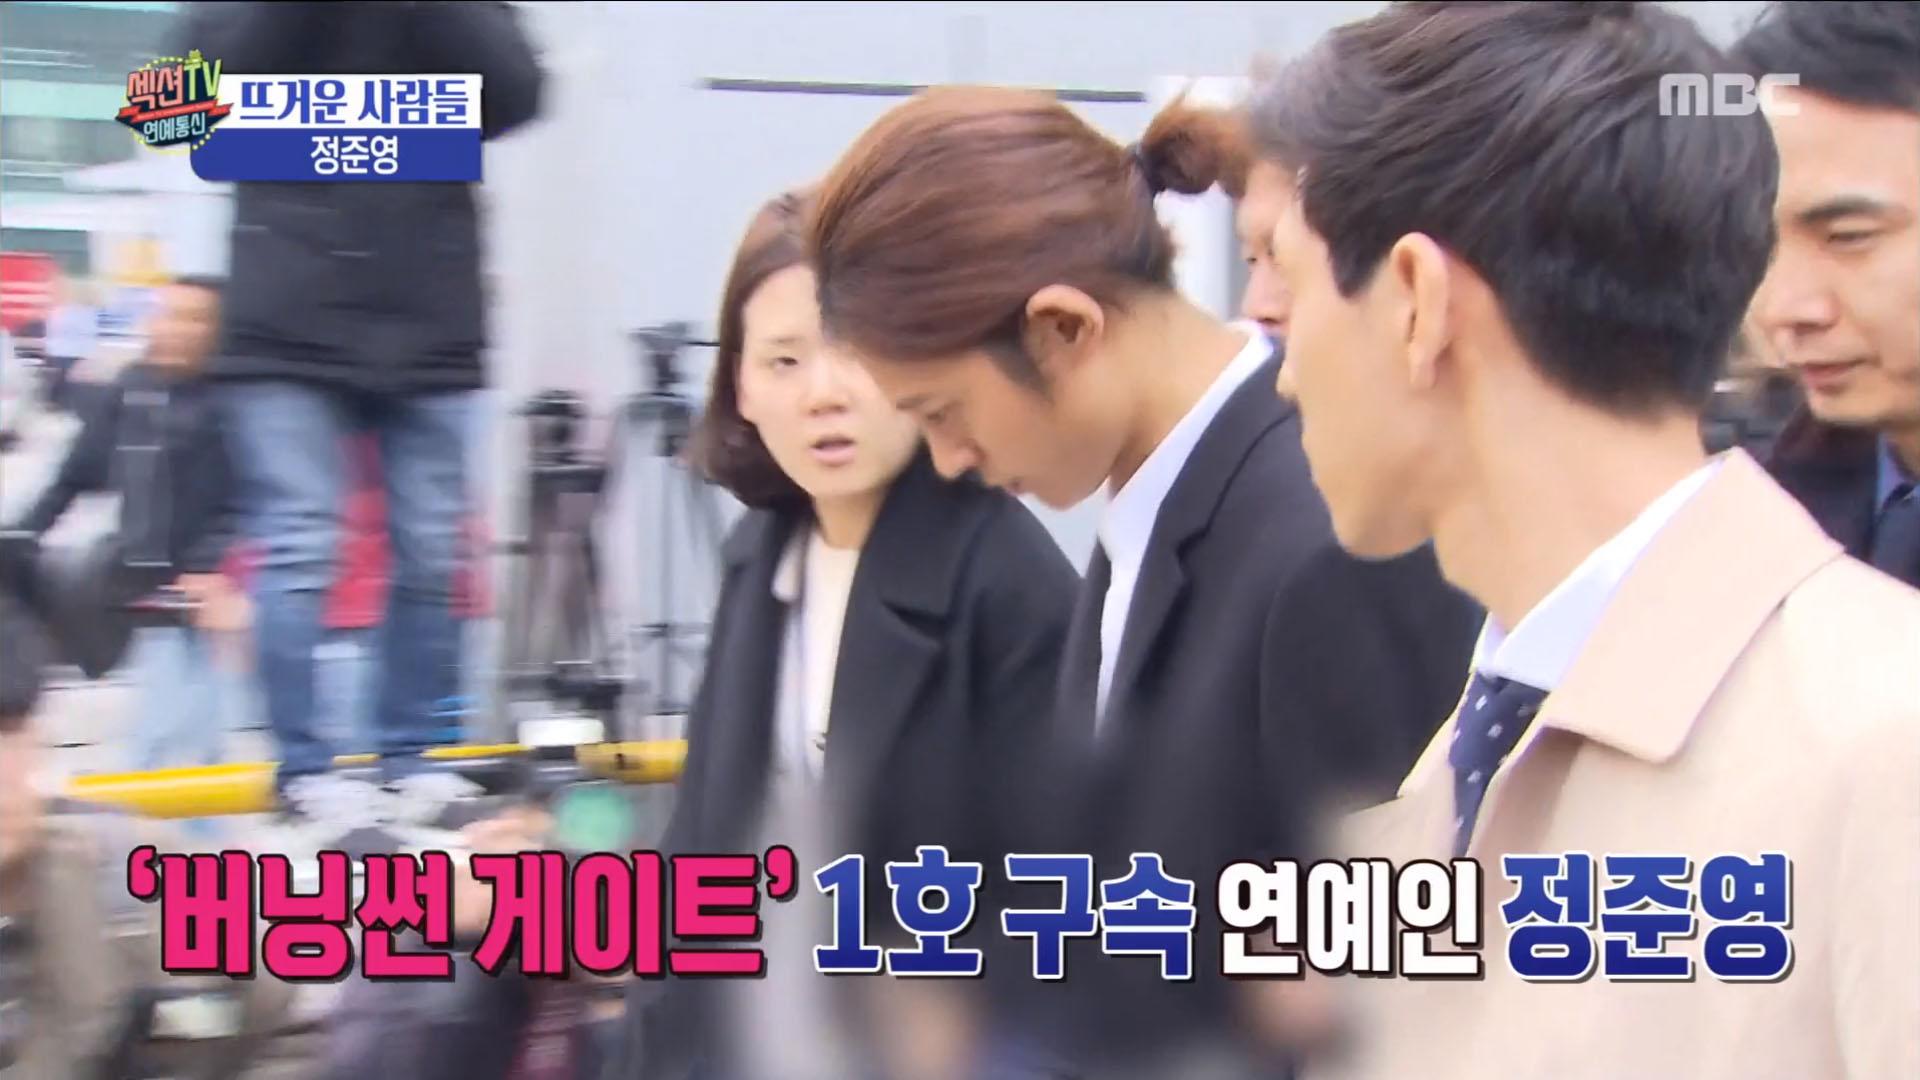 '섹션TV 연예통신' 정준영 휴대폰 공장 초기화 후 제출, '증거 인멸' 정황 포착